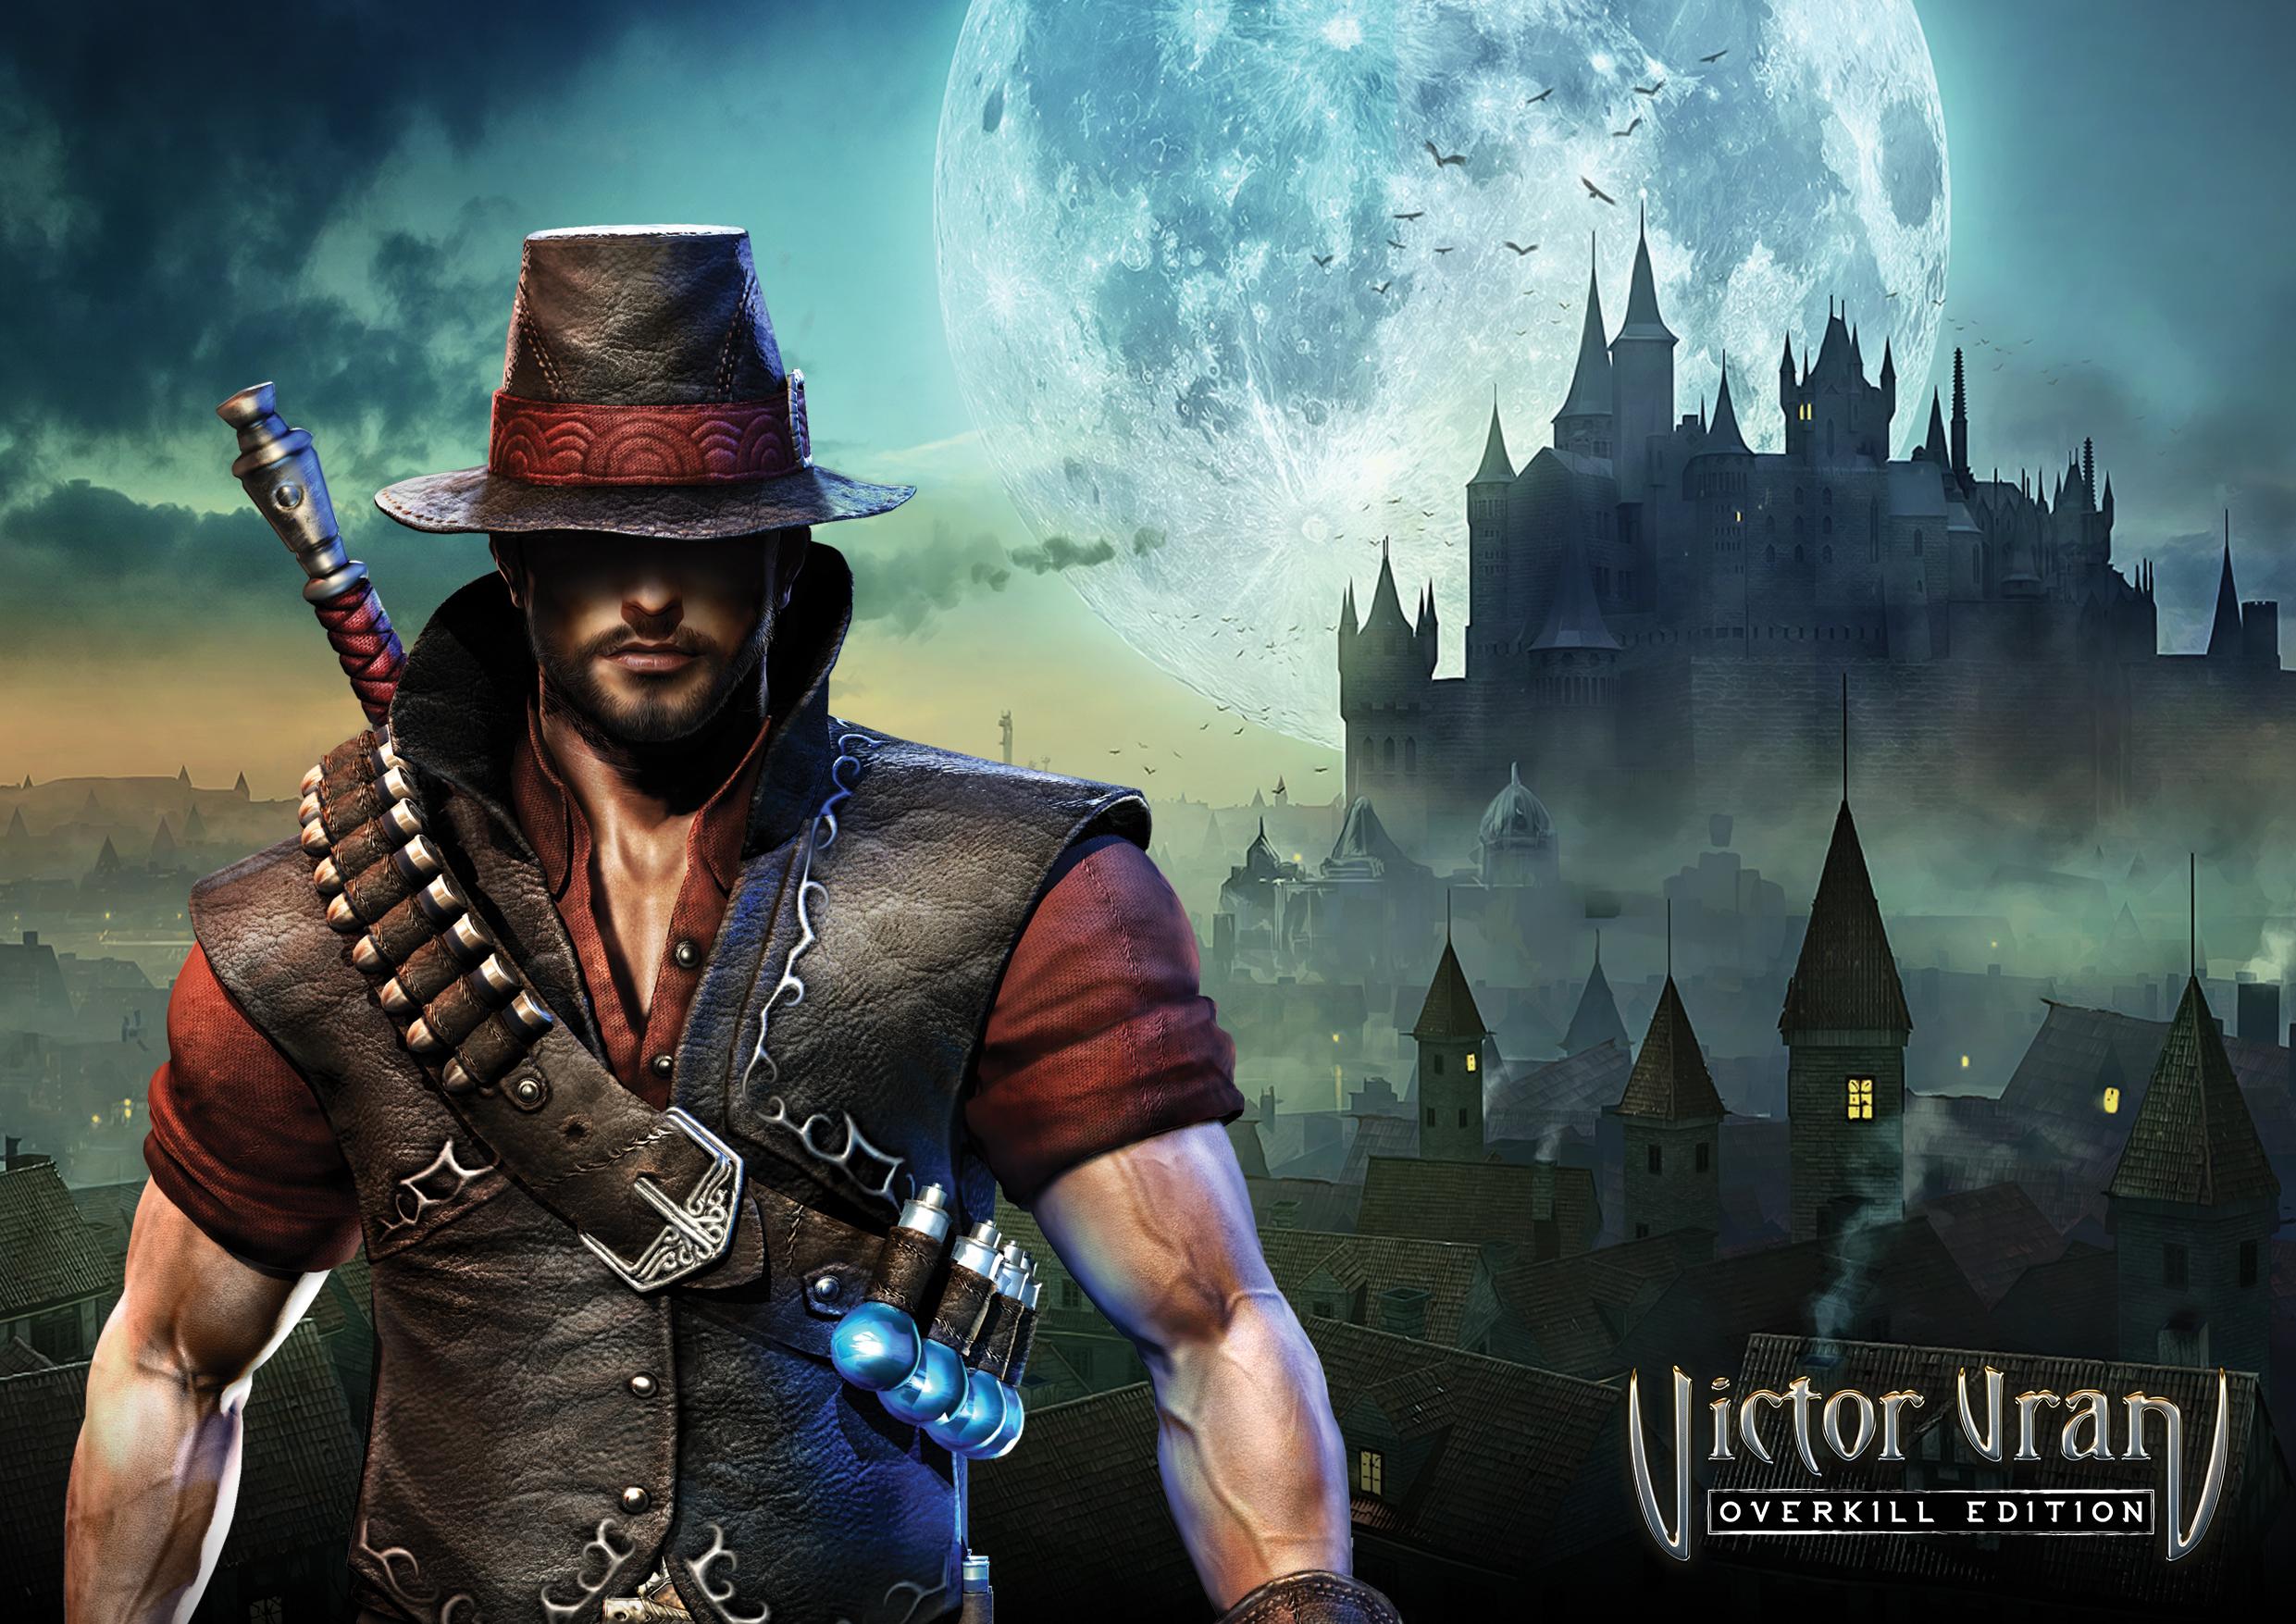 Victor Vran per Nintendo Switch è l'action RPG definitivo da giocare mobile, la recensione